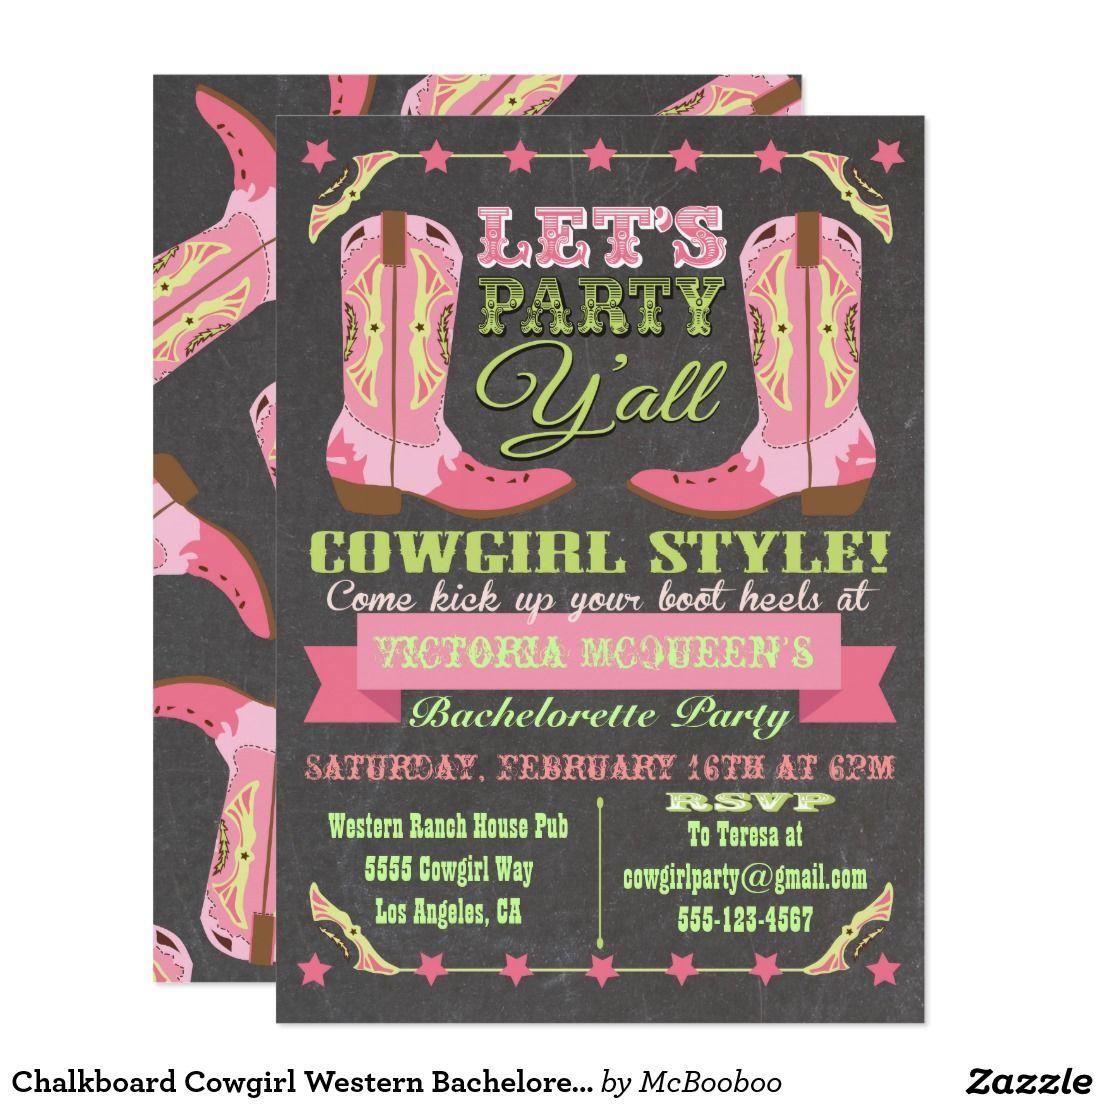 Chalkboard Cowgirl Western Bachelorette Party Card | Bachelorette ...